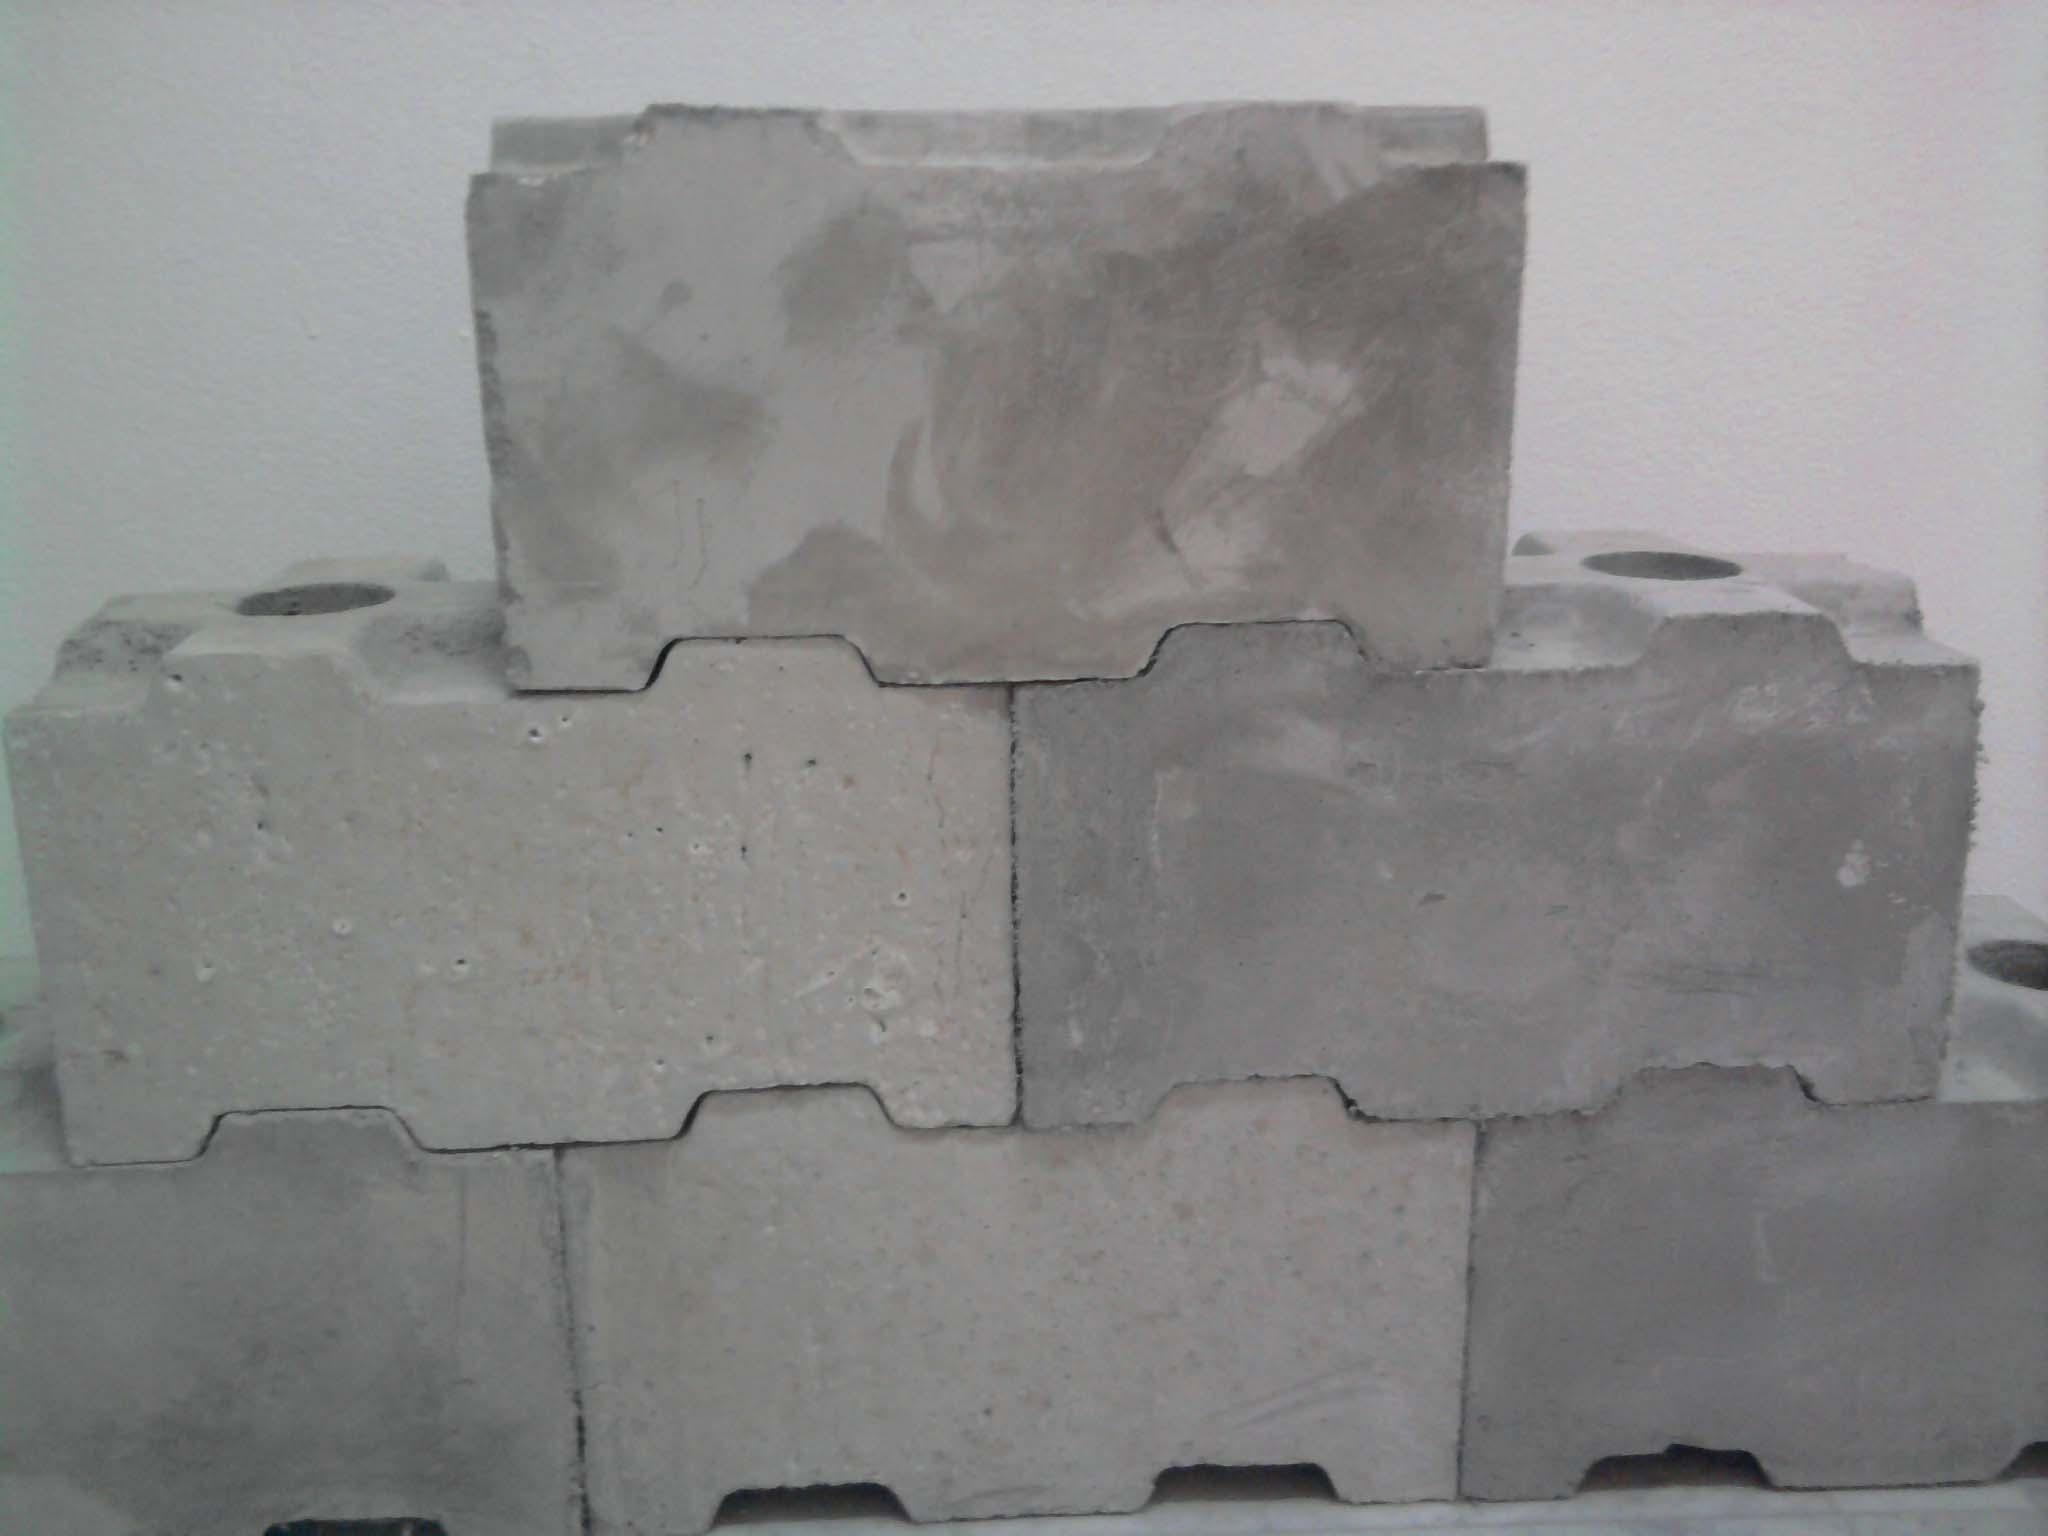 Interra Cellular Lightweight Concrete : Interlocking cellular lightweight concrete blocks molds